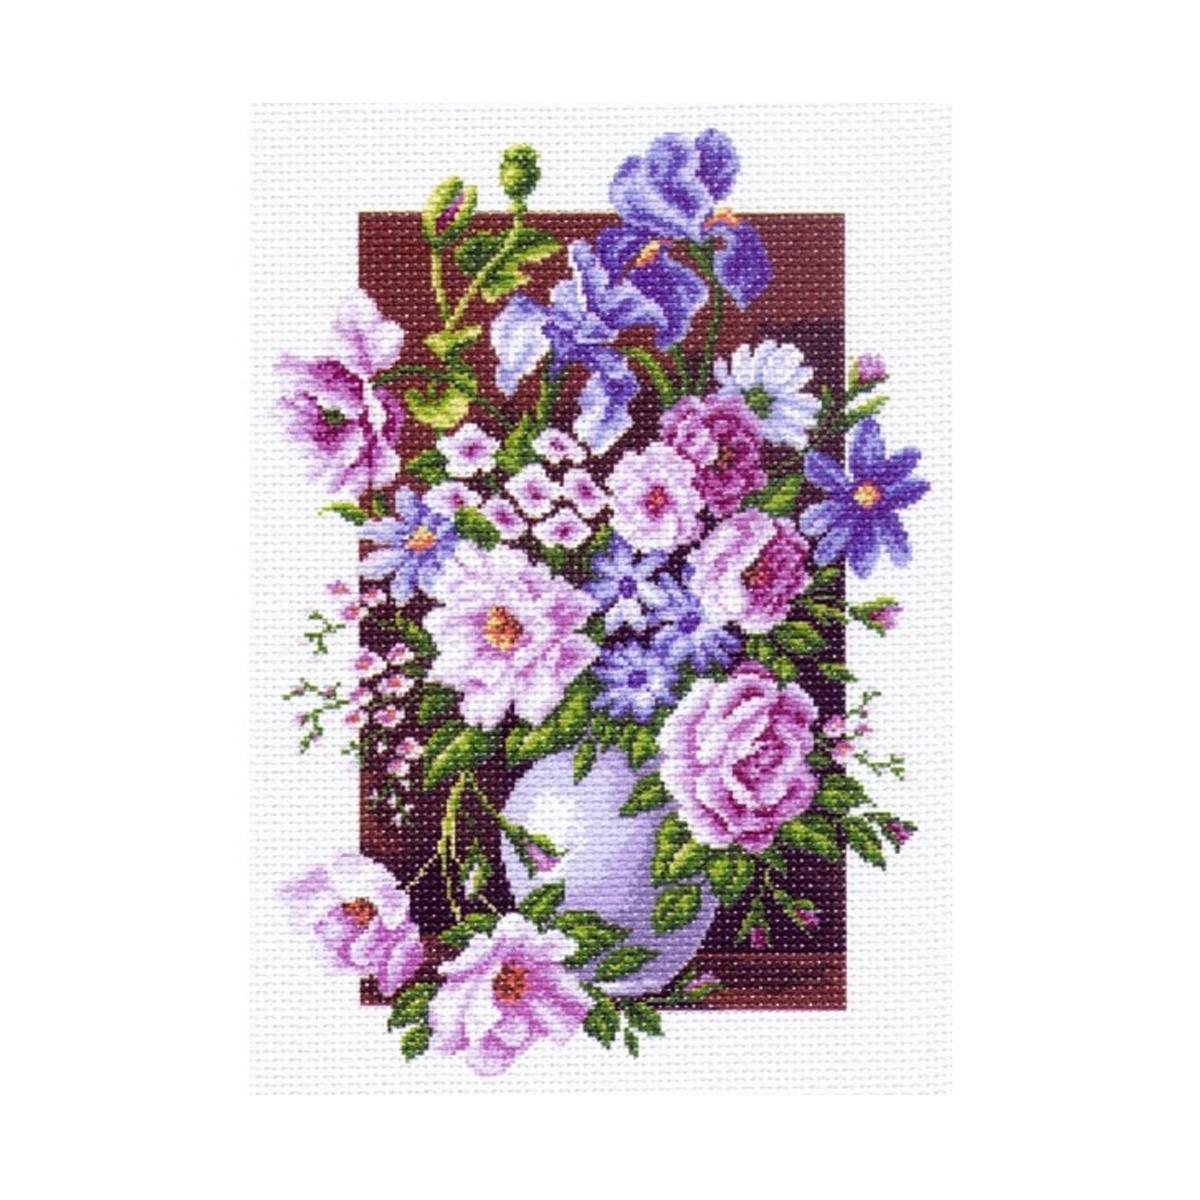 Канва с рисунком Матренин Посад Букет цветов, 37 х 49 см. 1225549894Рисунок полностью напечатан на канве. Указана цветовая карта ниток. Вышивать рекомендуется мулине в 3 сложения.